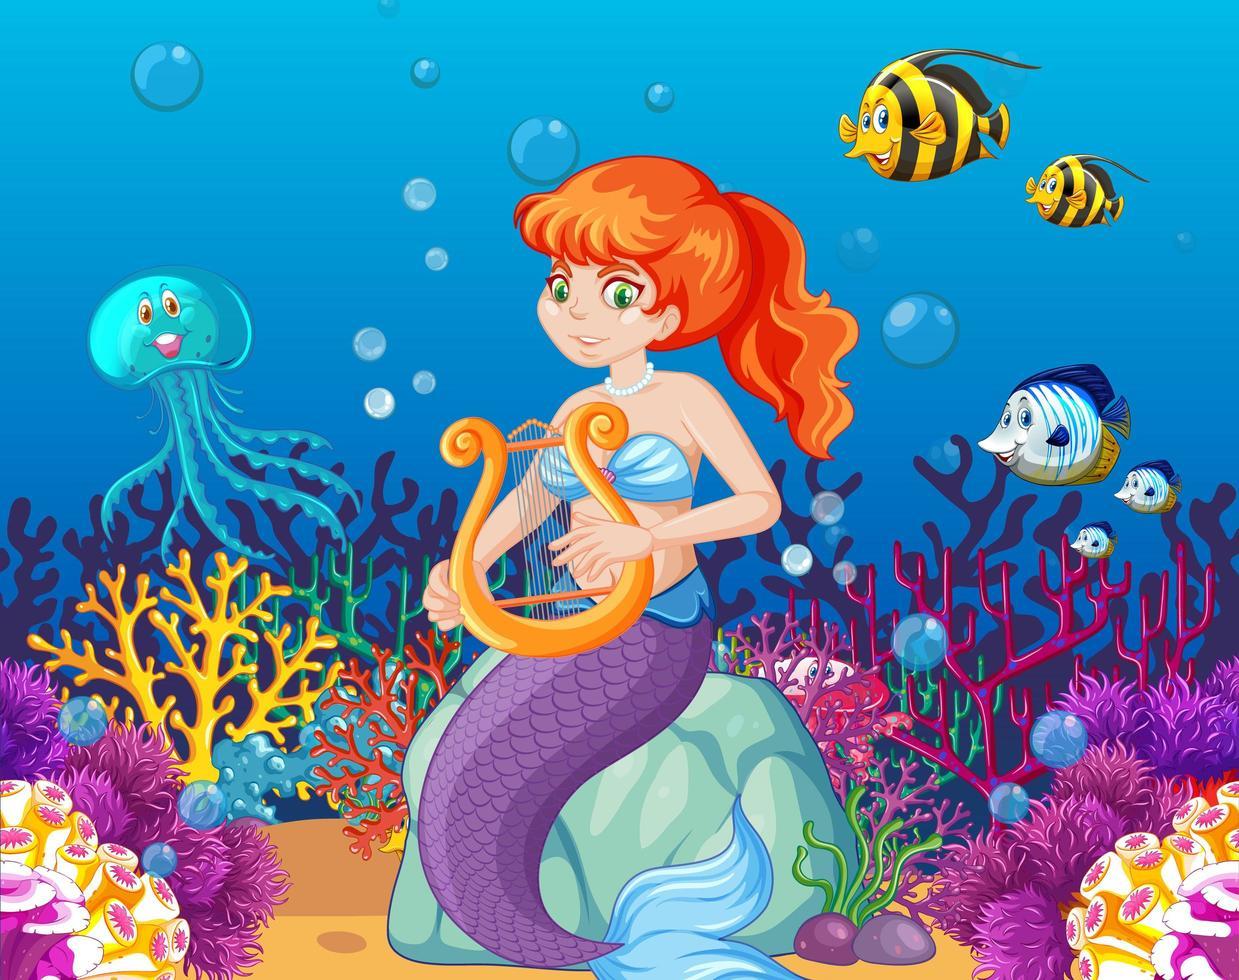 Satz von Meerestieren und Meerjungfrau vektor